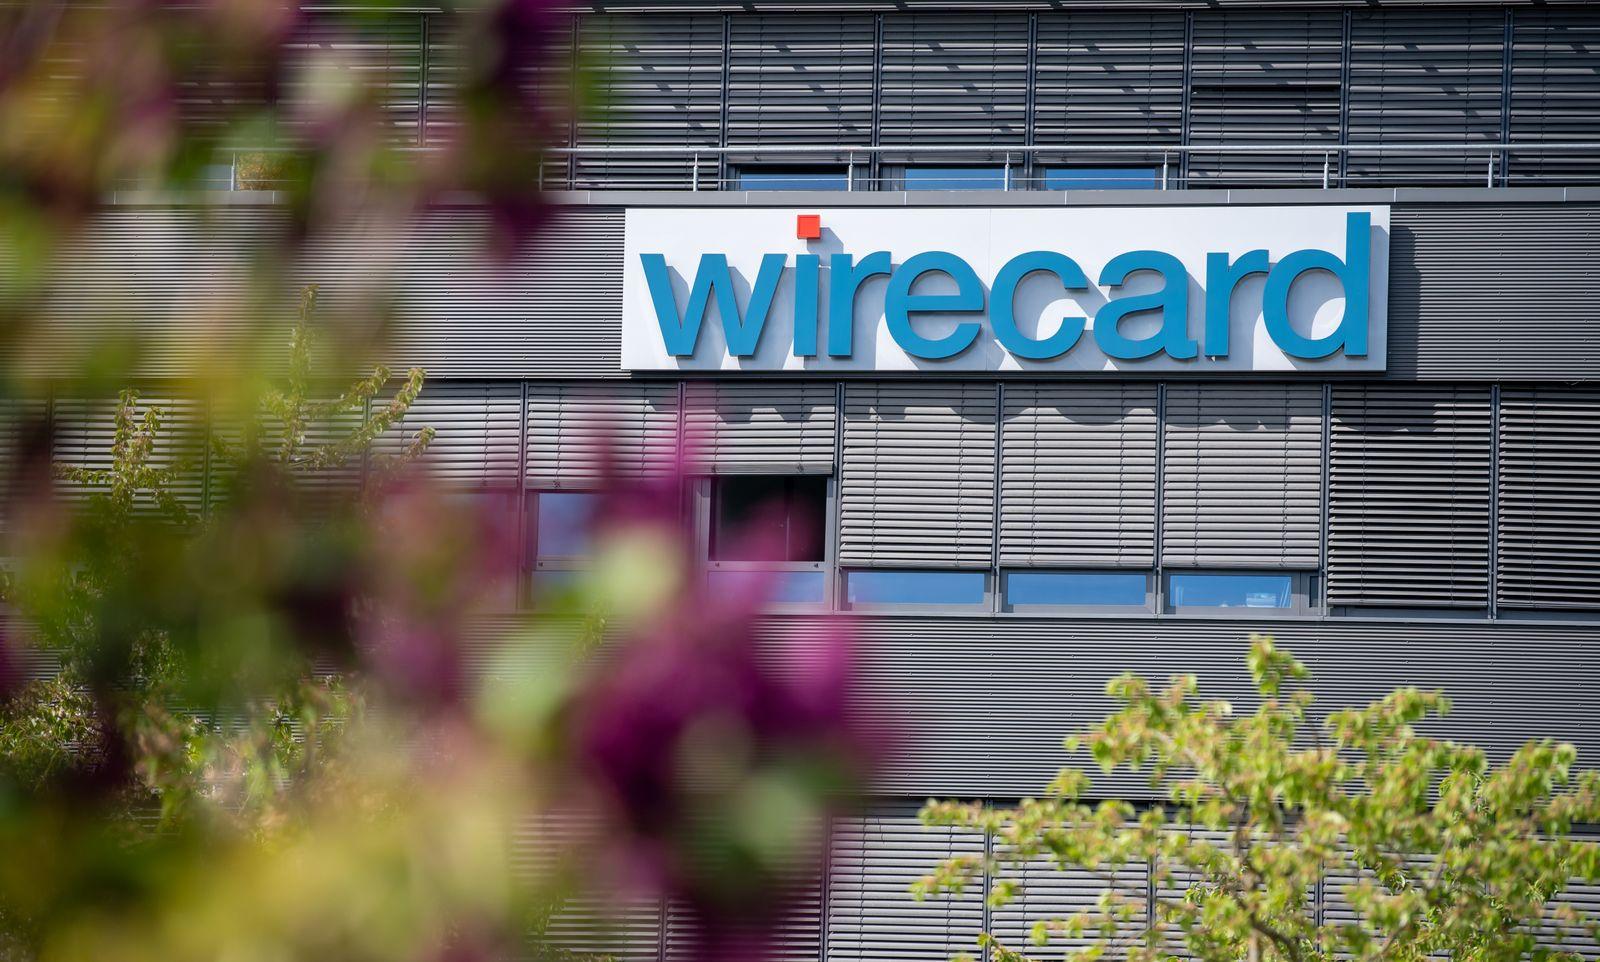 Bezahldienstleister Wirecard